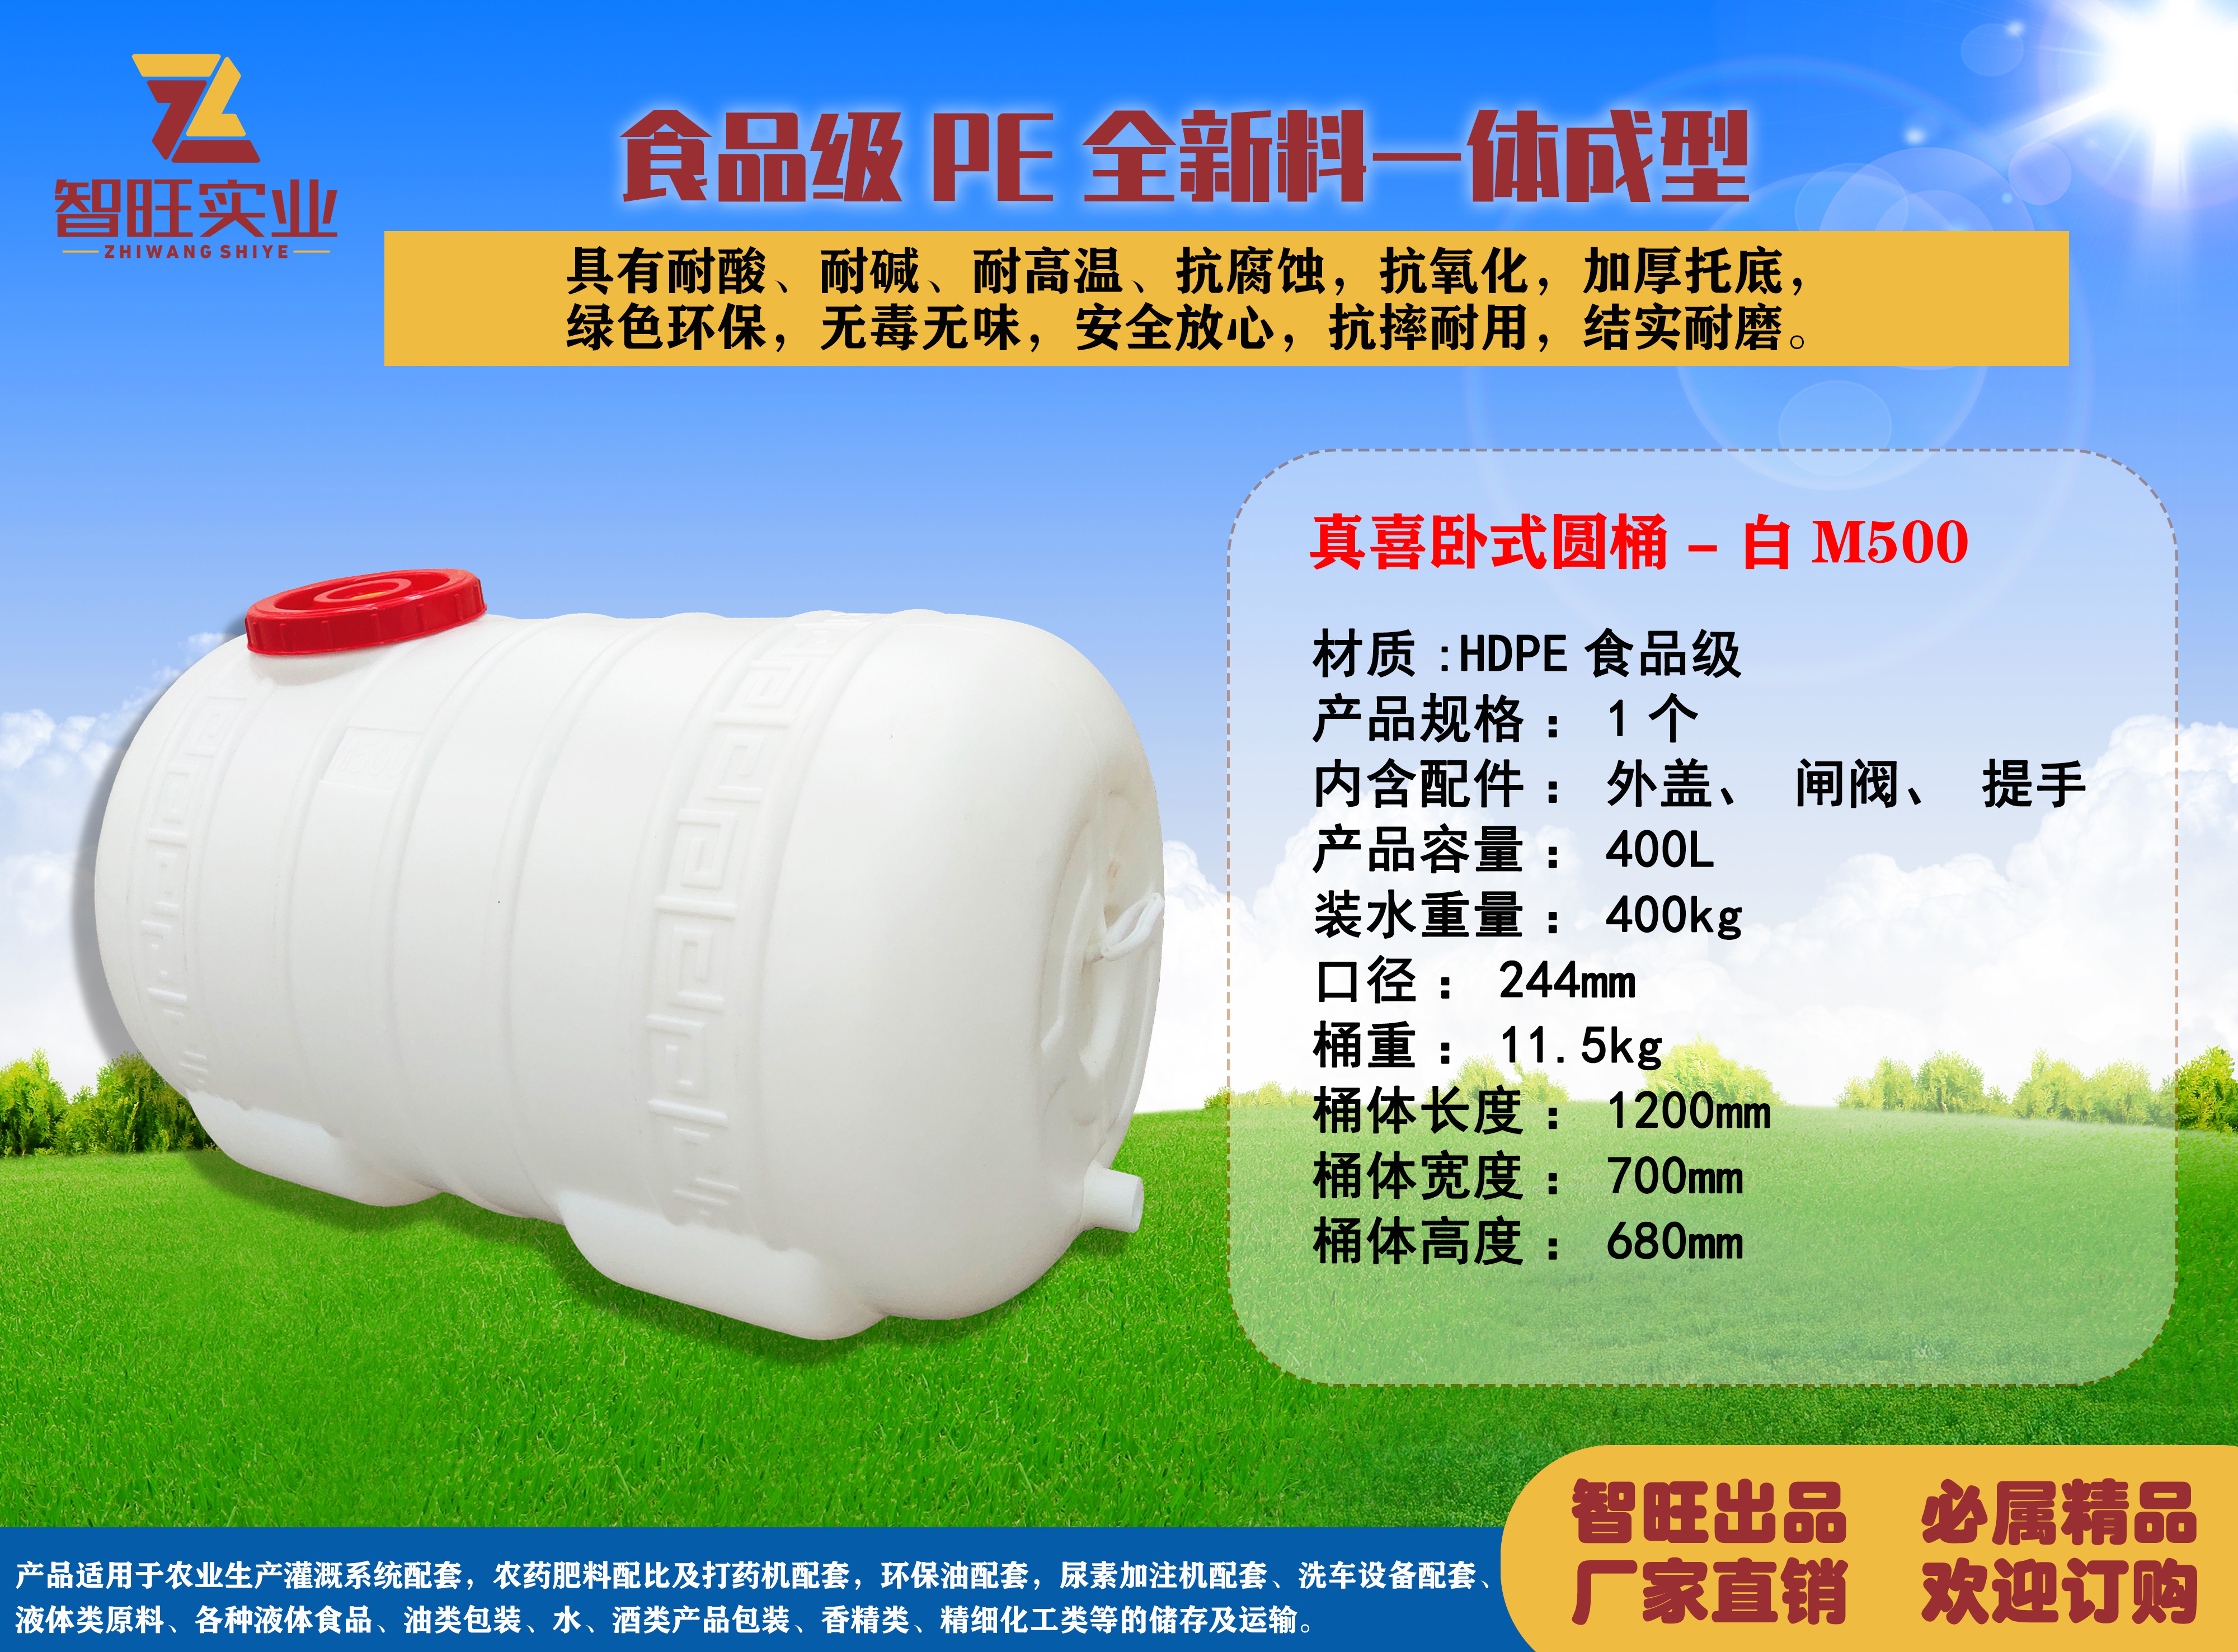 真喜臥式圓桶-白M500